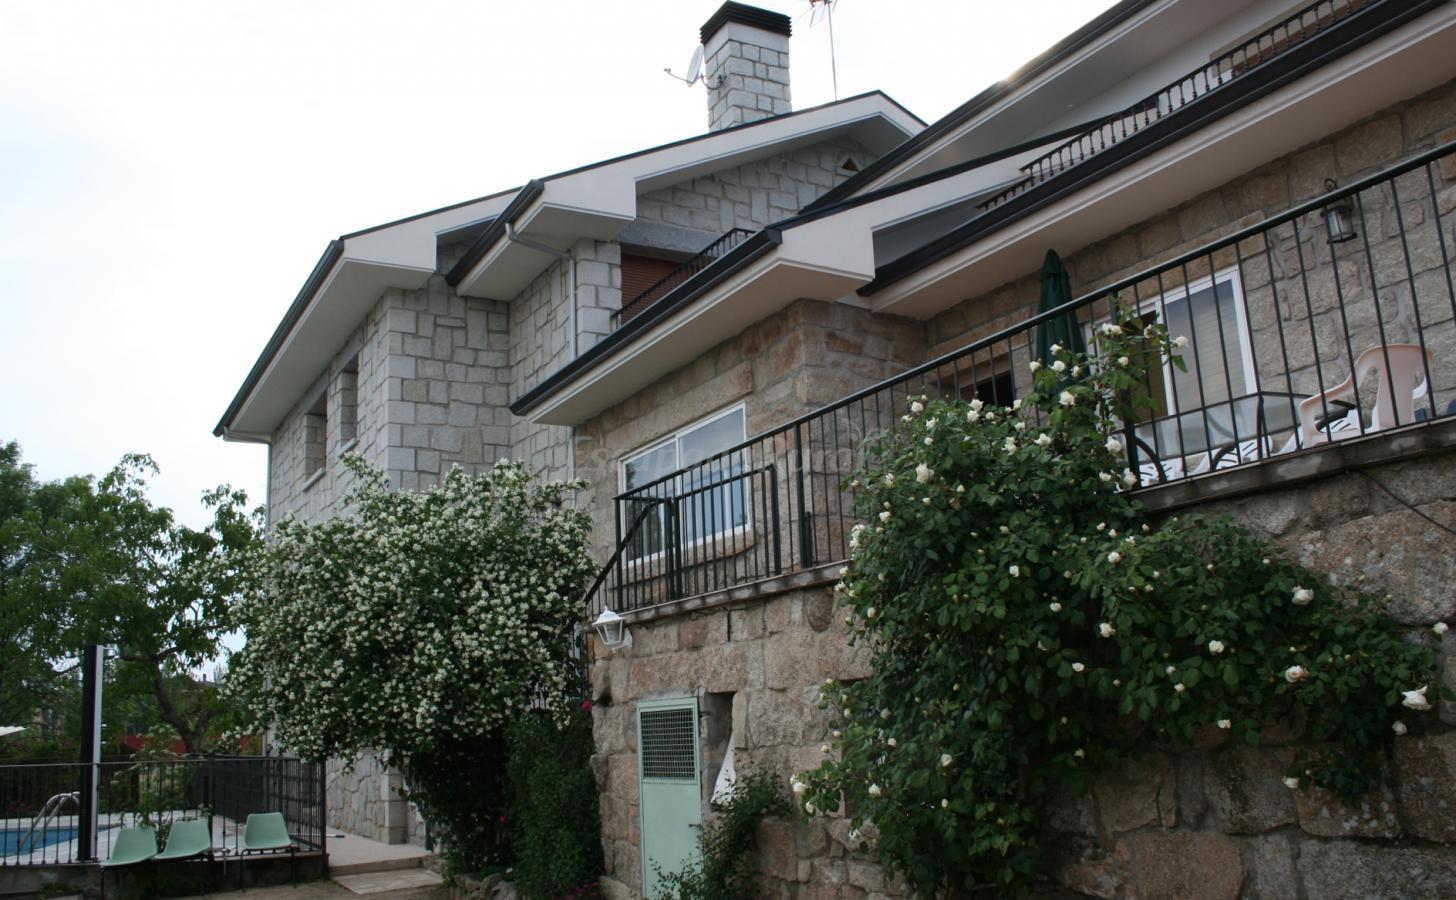 Fotos de Casa Rural en K la abuela - Casa rural en Hoyo de ...